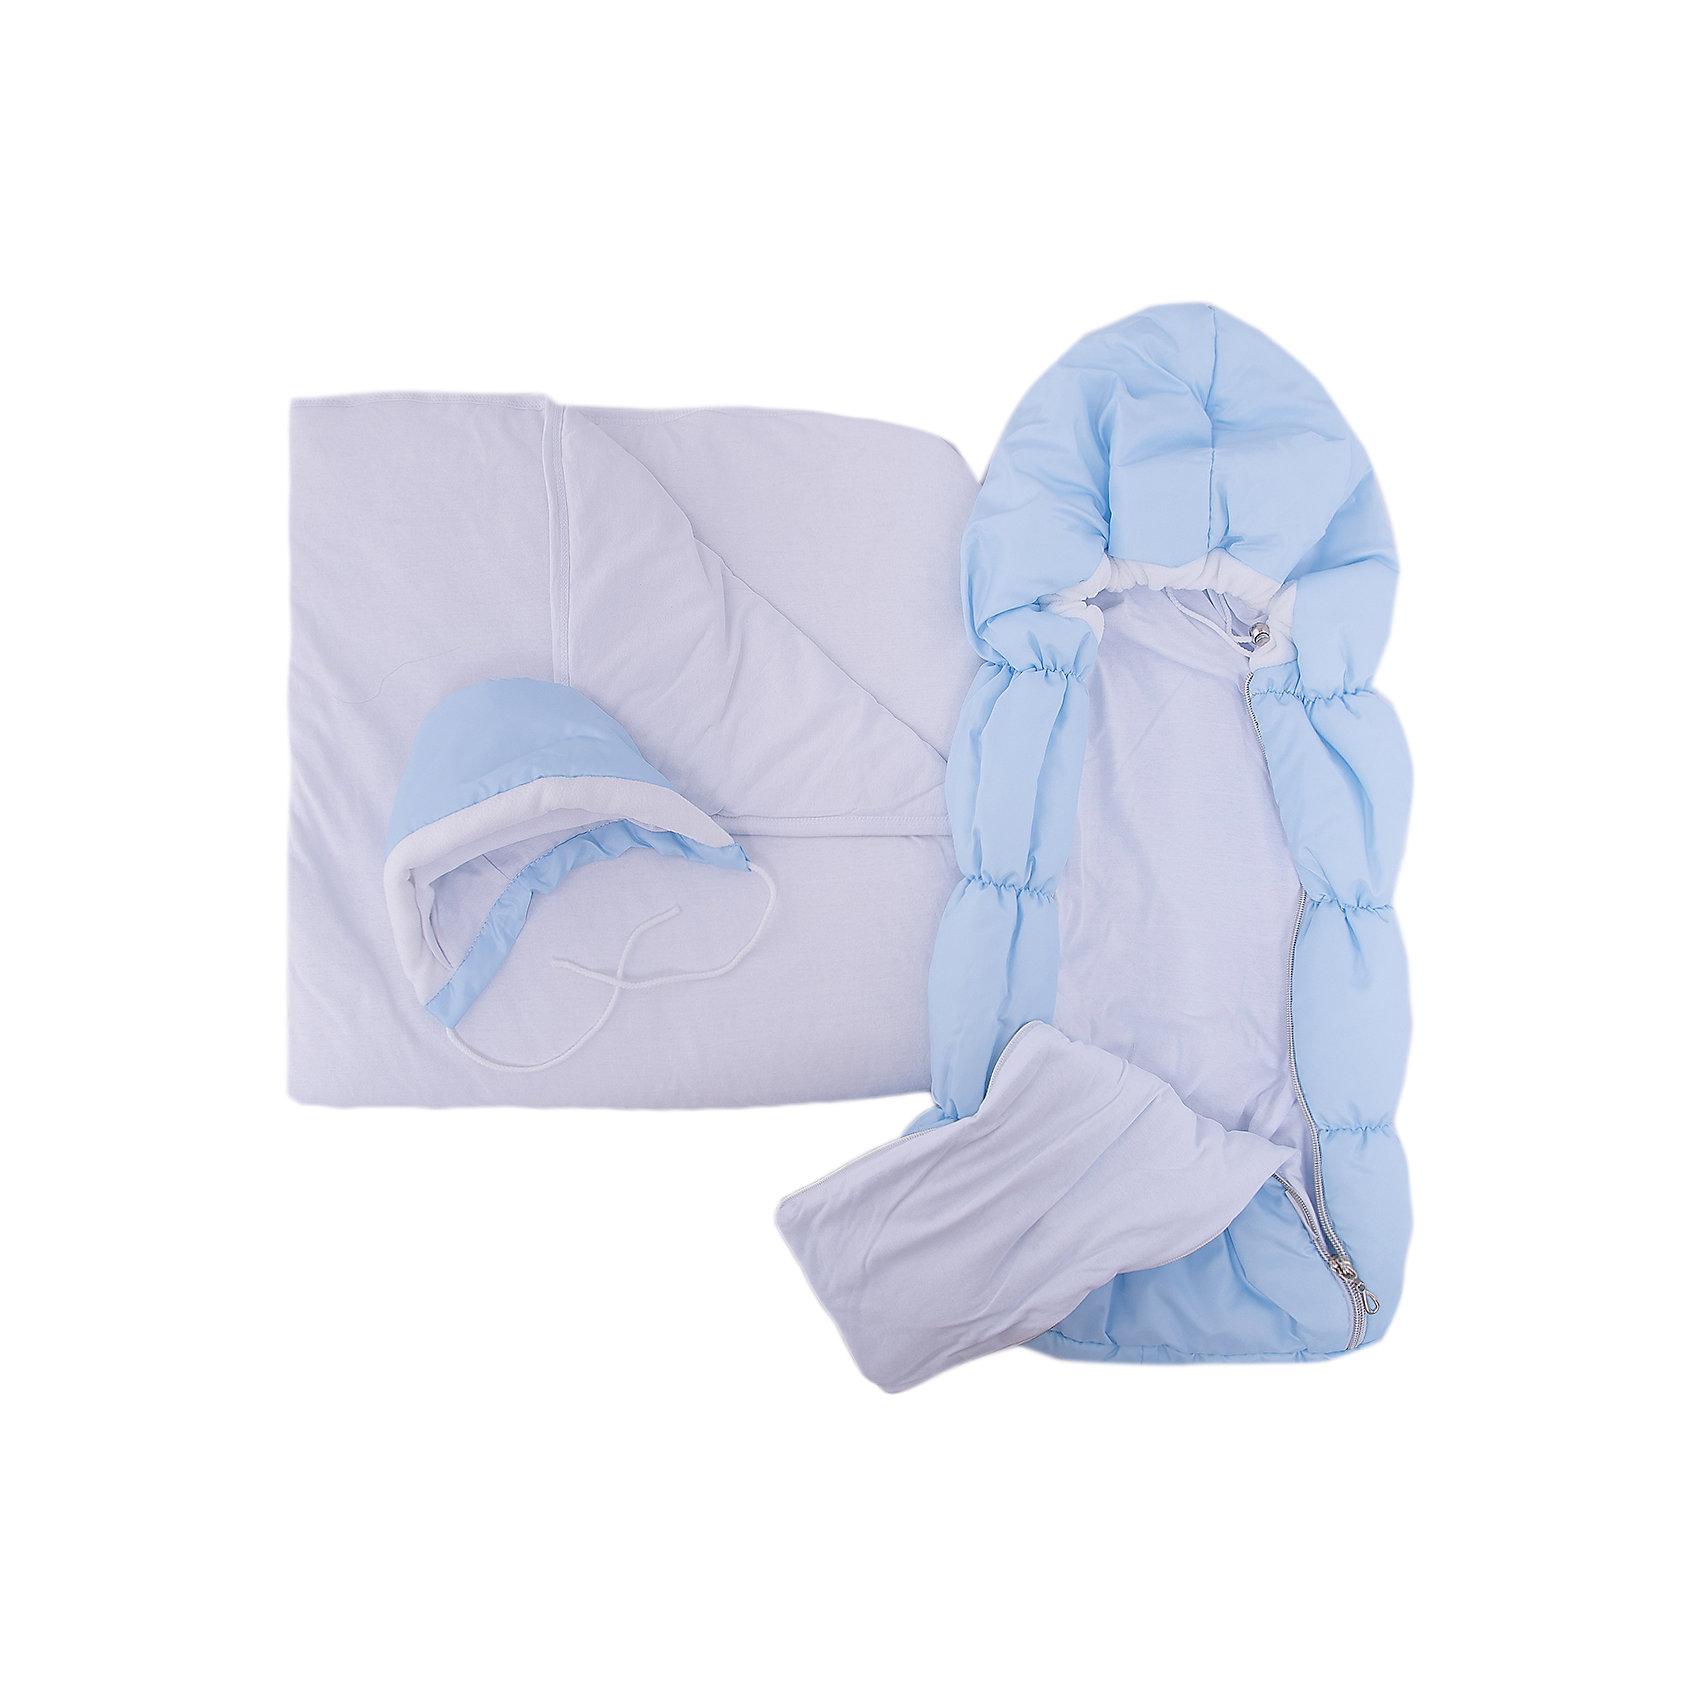 Комплект на выписку 8 пред., GulSara, 116 весна-осень голубойНаборы одежды, конверты на выписку<br>Характеристики:<br><br>• Вид детского текстиля: комплект на выписку<br>• Предназначение: на выписку, для прогулки<br>• Сезон: весна, осень<br>• Утеплитель: средняя степень утепления<br>• Температурный режим: от -10? С до +20? С <br>• Пол: для мальчика<br>• Тематика рисунка: без рисунка<br>• Материал: плащевка, кулирка, интерлок<br>• Цвет: голубой, молочный<br>• Комплектация:<br> конверт на синтепоне – 1 шт. р-р 75*40 см<br> одеяло на синтепоне – 1 шт. р-р 100*100 см<br> шапочка на синтепоне – 1 шт. р-р 56-36<br> спальный мешок – 1 шт. р-р 56-36<br> ползунки – 1 шт. р-р 56-36<br> распашонка – 1 шт. р-р 56-36<br> чепчик – 1 шт. р-р 56-36<br>• Особенности ухода: машинная стирка при температуре 30 градусов без использования отбеливающих и красящих веществ<br><br>Комплект на выписку 8 пред., GulSara, 116 стразы весна-осень голубой от отечественного швейного производства, который выпускает современный текстиль и товары для новорожденных, изготовленных на основе вековых традиций. В своем производстве GulSara использует только экологичные и натуральные материалы, что обеспечивает их безопасность даже для малышей с чувствительной кожей. <br><br>Набор предназначен для выписки в демисезонный период и состоит из конверта, одеяла и чепчика, выполненных из однотонной плащевки. У конверта предусмотрены две застежки-молнии по бокам на передней полочке. Среднюю степень утепления конверту и одеялу обеспечивает синтепон, который имеет легкий вес и является гипоаллергенным материалом. Для промежуточного слоя одежды предусмотрен спальный мешок на молнии. Комплект нижней одежды состоит из ползунков, распашонки и чепчика. <br><br>Комплект на выписку 8 пред., GulSara, 116 стразы весна-осень голубой создаст изысканный и неповторимый образ вашего малыша!<br><br>Комплект на выписку 8 пред., GulSara, 116 стразы весна-осень голубой можно купить в нашем интернет-магазине.<br><br>Ширина мм: 750<br>Г